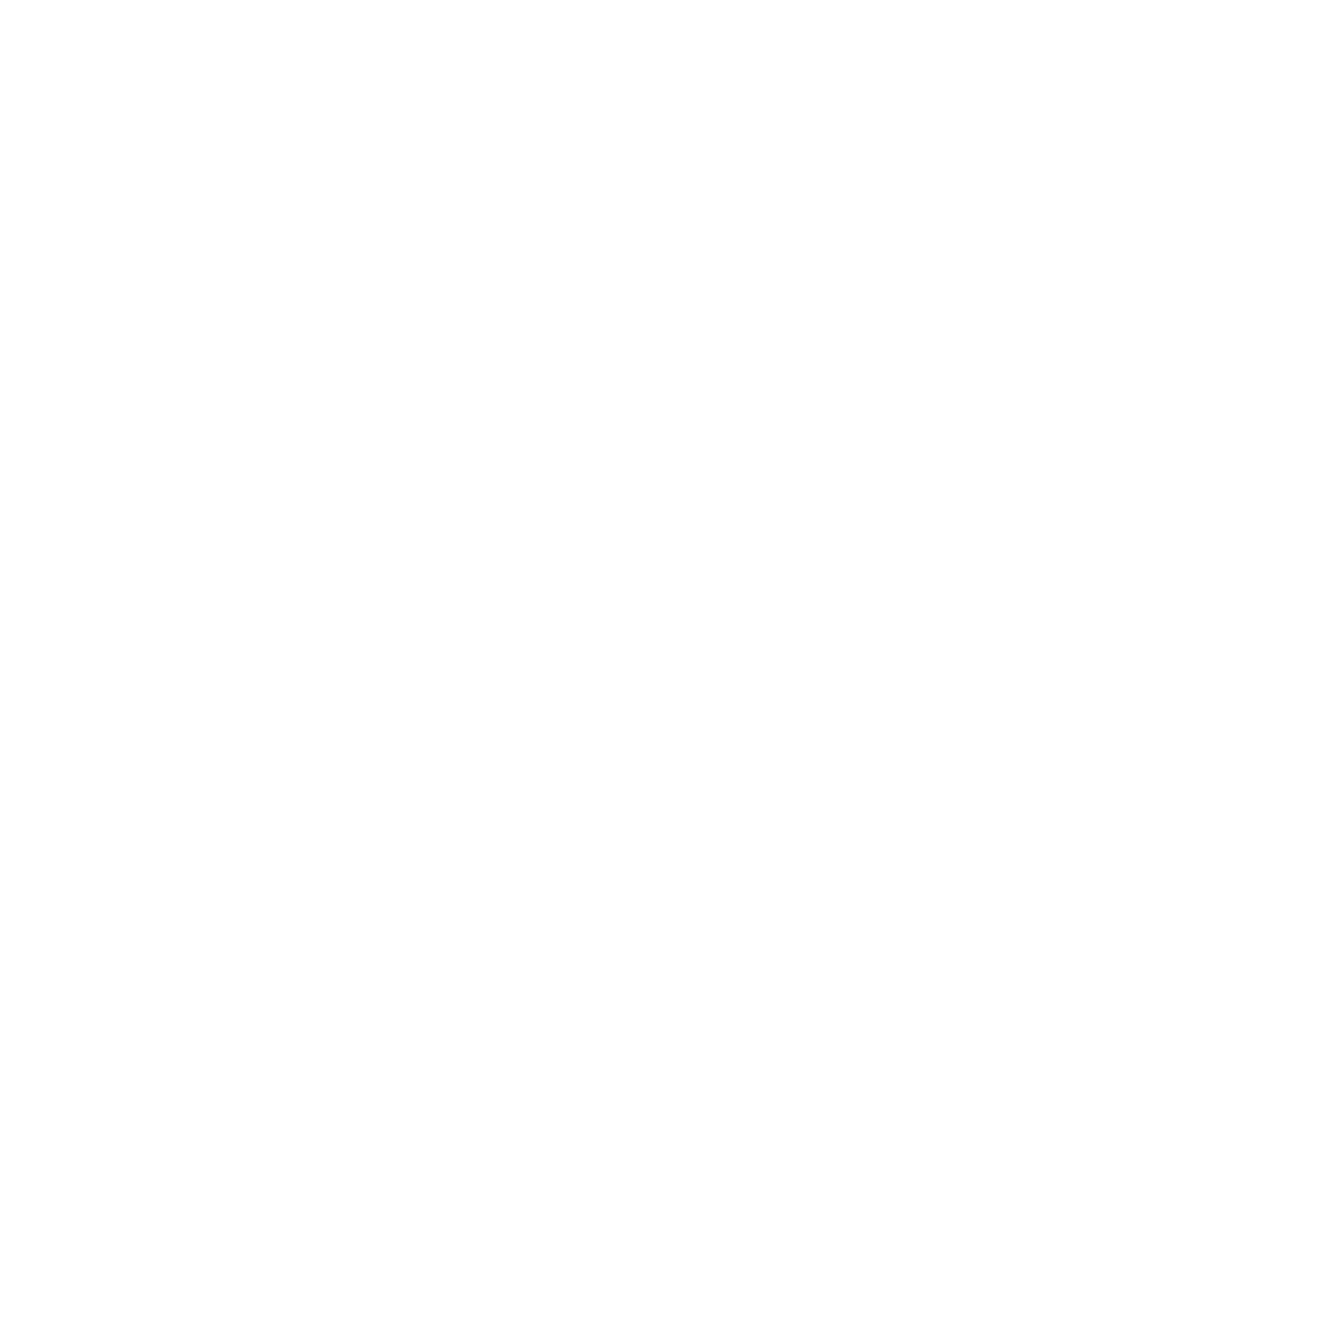 Lindenblüten-Sirup